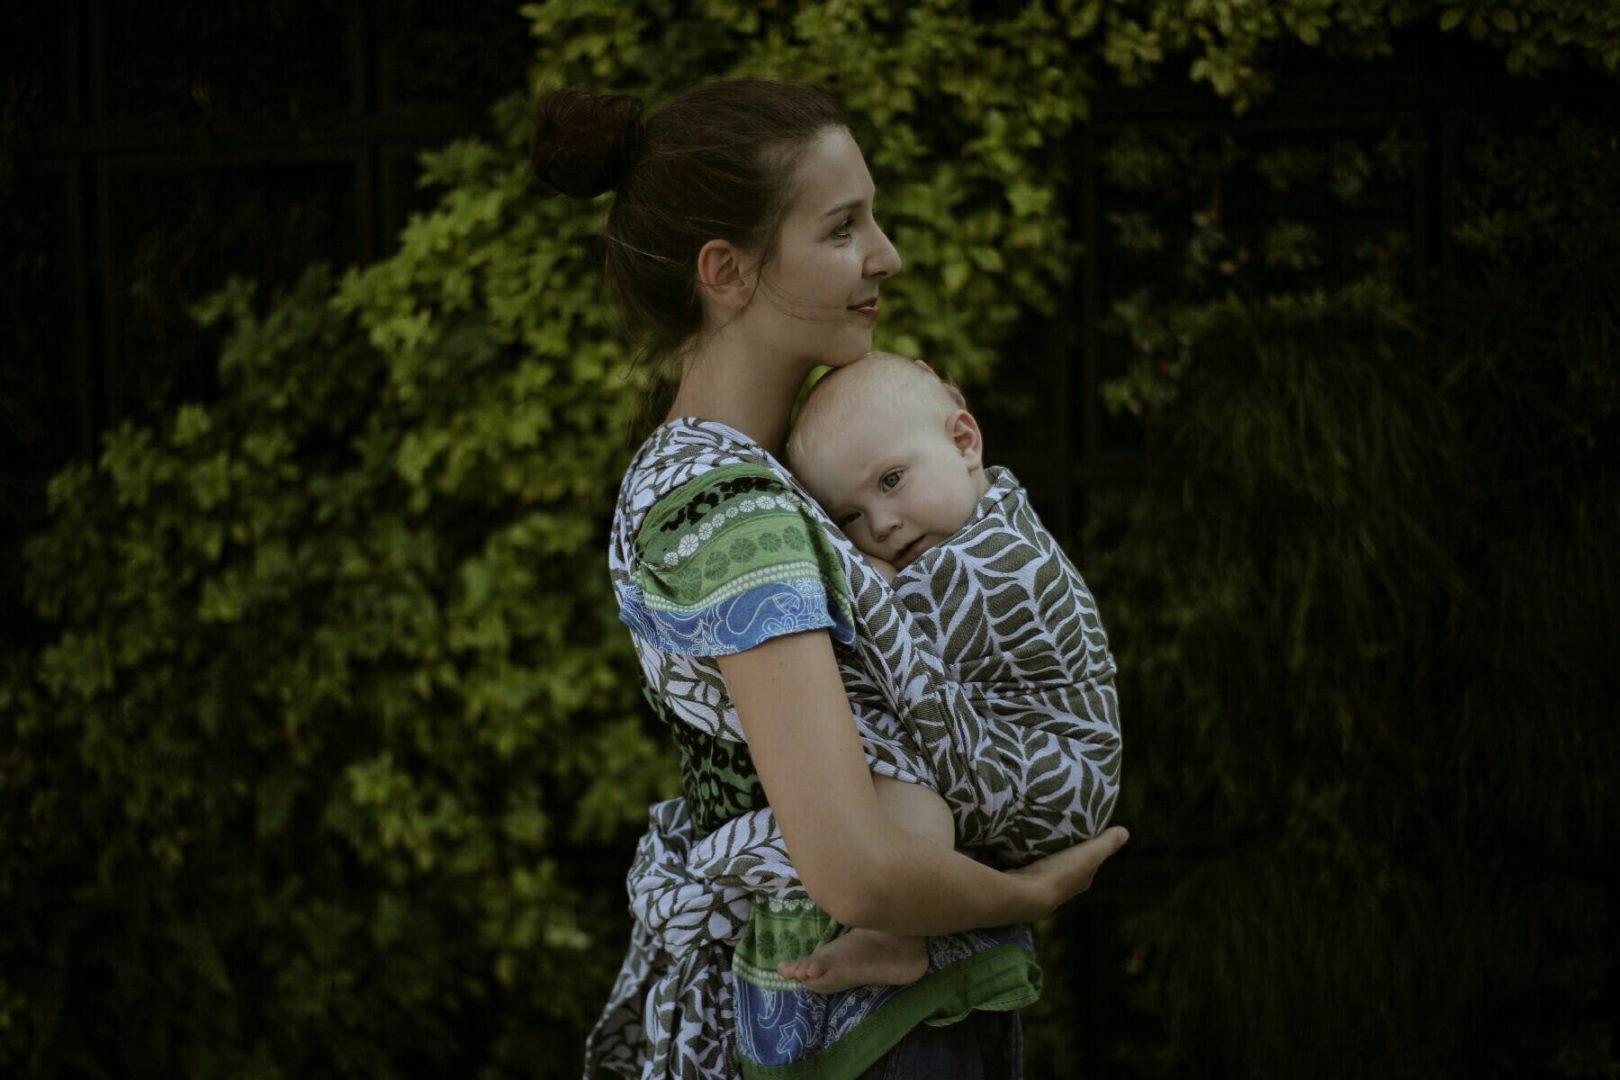 fot. Monika Dawidowicz